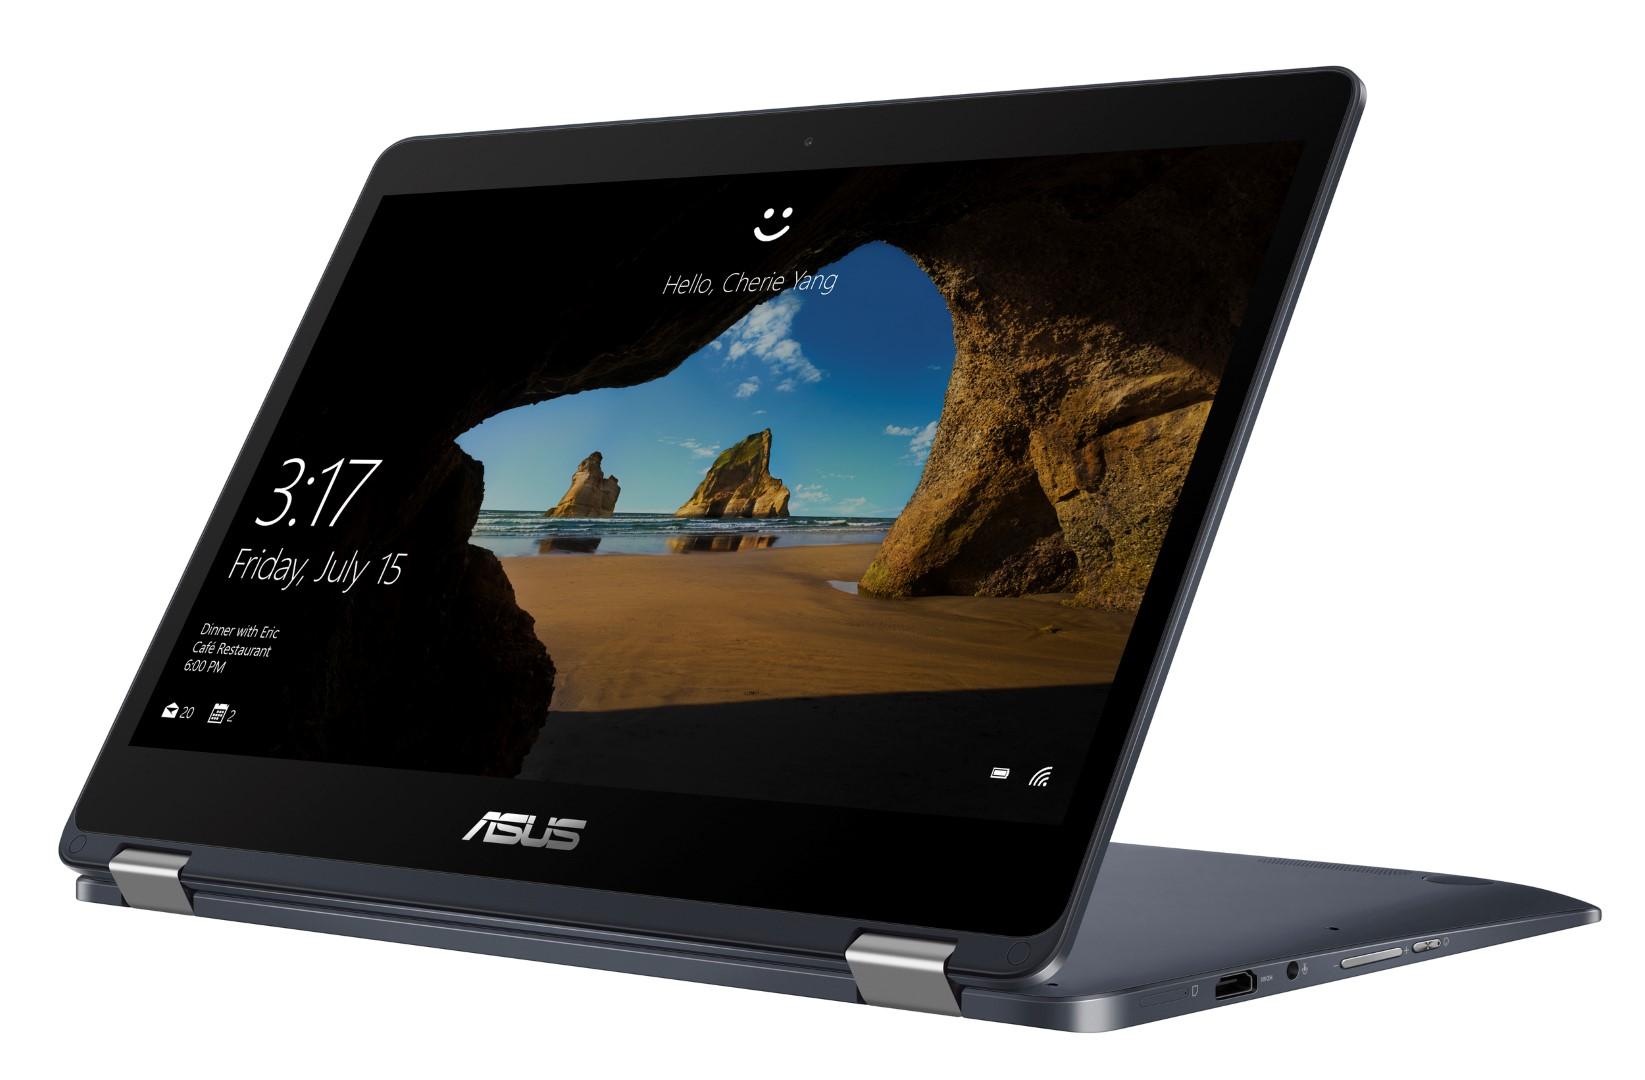 הכירו את המחשב החדש: ASUS NovaGo